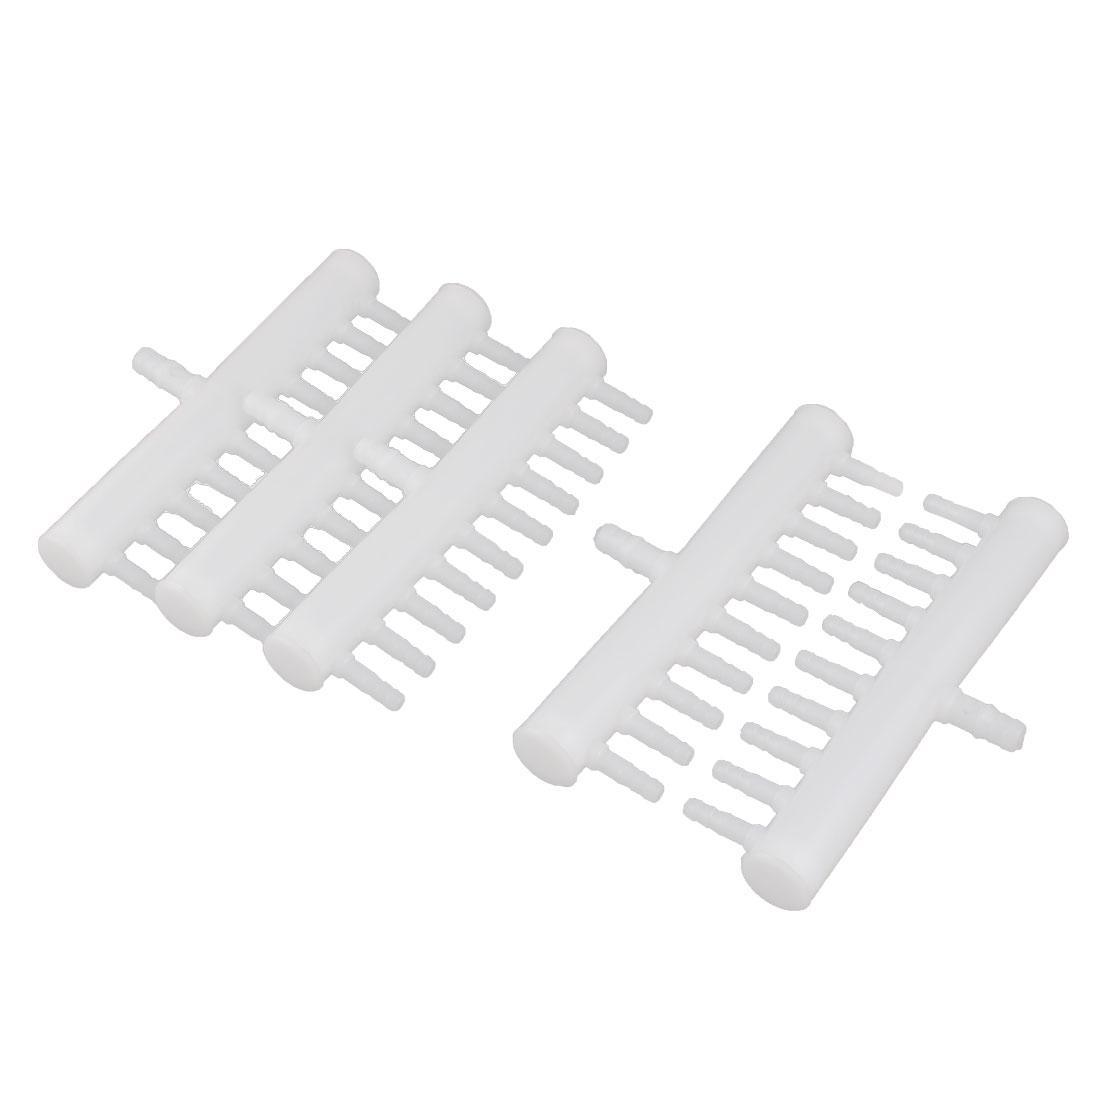 Aquarium Plastic 10 Outlets Oxygen Flow Splitter Distributor Valve White 5pcs